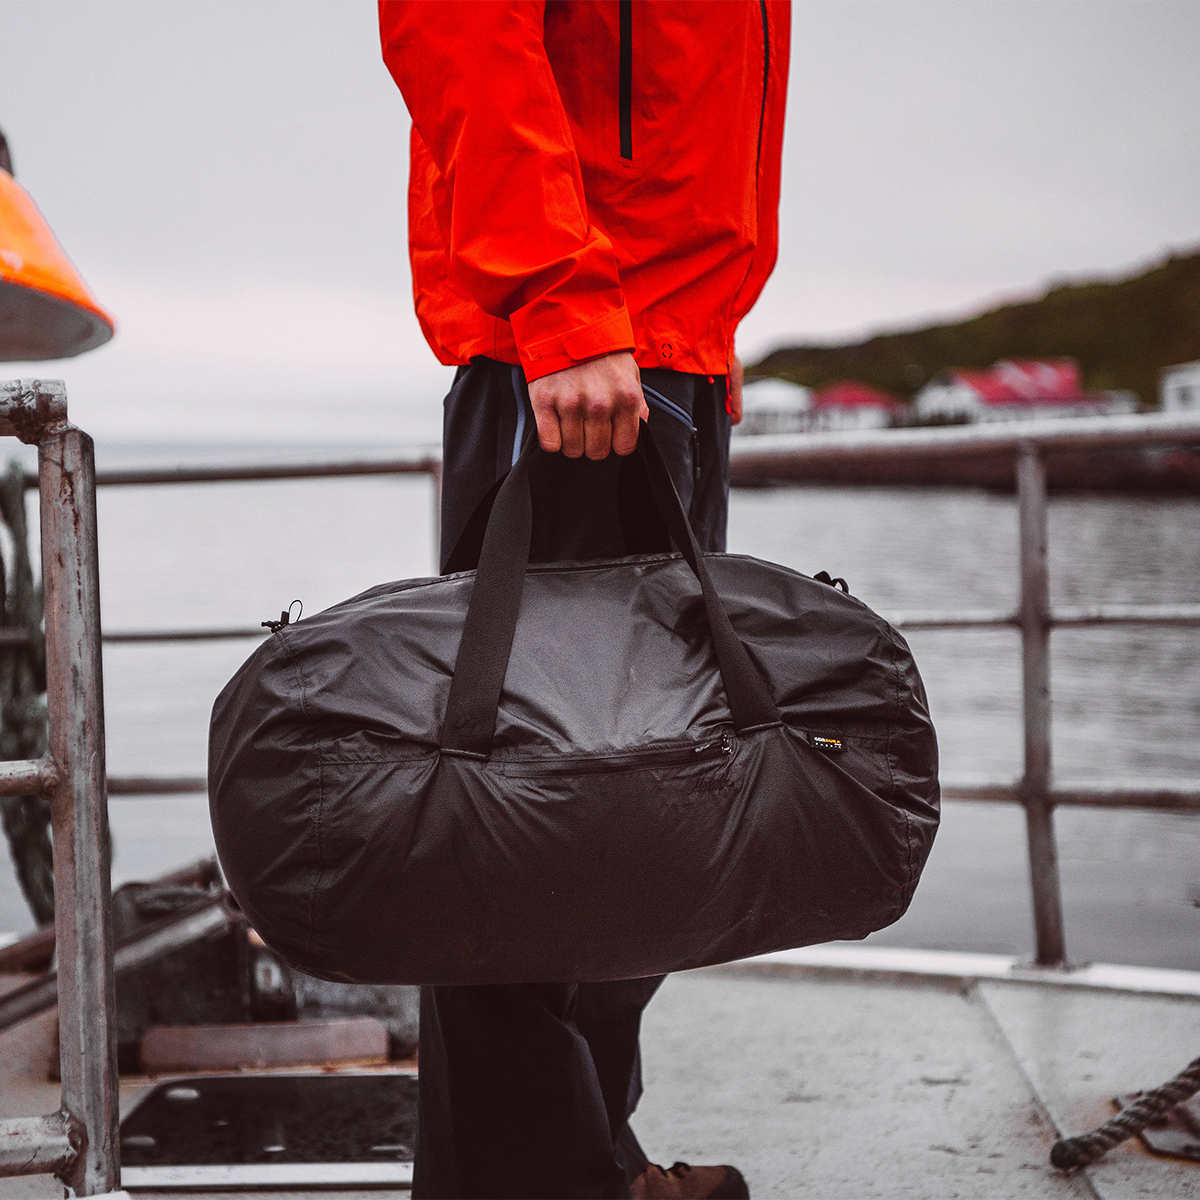 薄くて軽いのに、耐荷重量は13.5kgの丈夫さ。ジムバッグやアウトドアレジャーにも対応できるサイズ感だから、幅広いシーンで活躍するボストンバッグ|Matador transit30 2.0